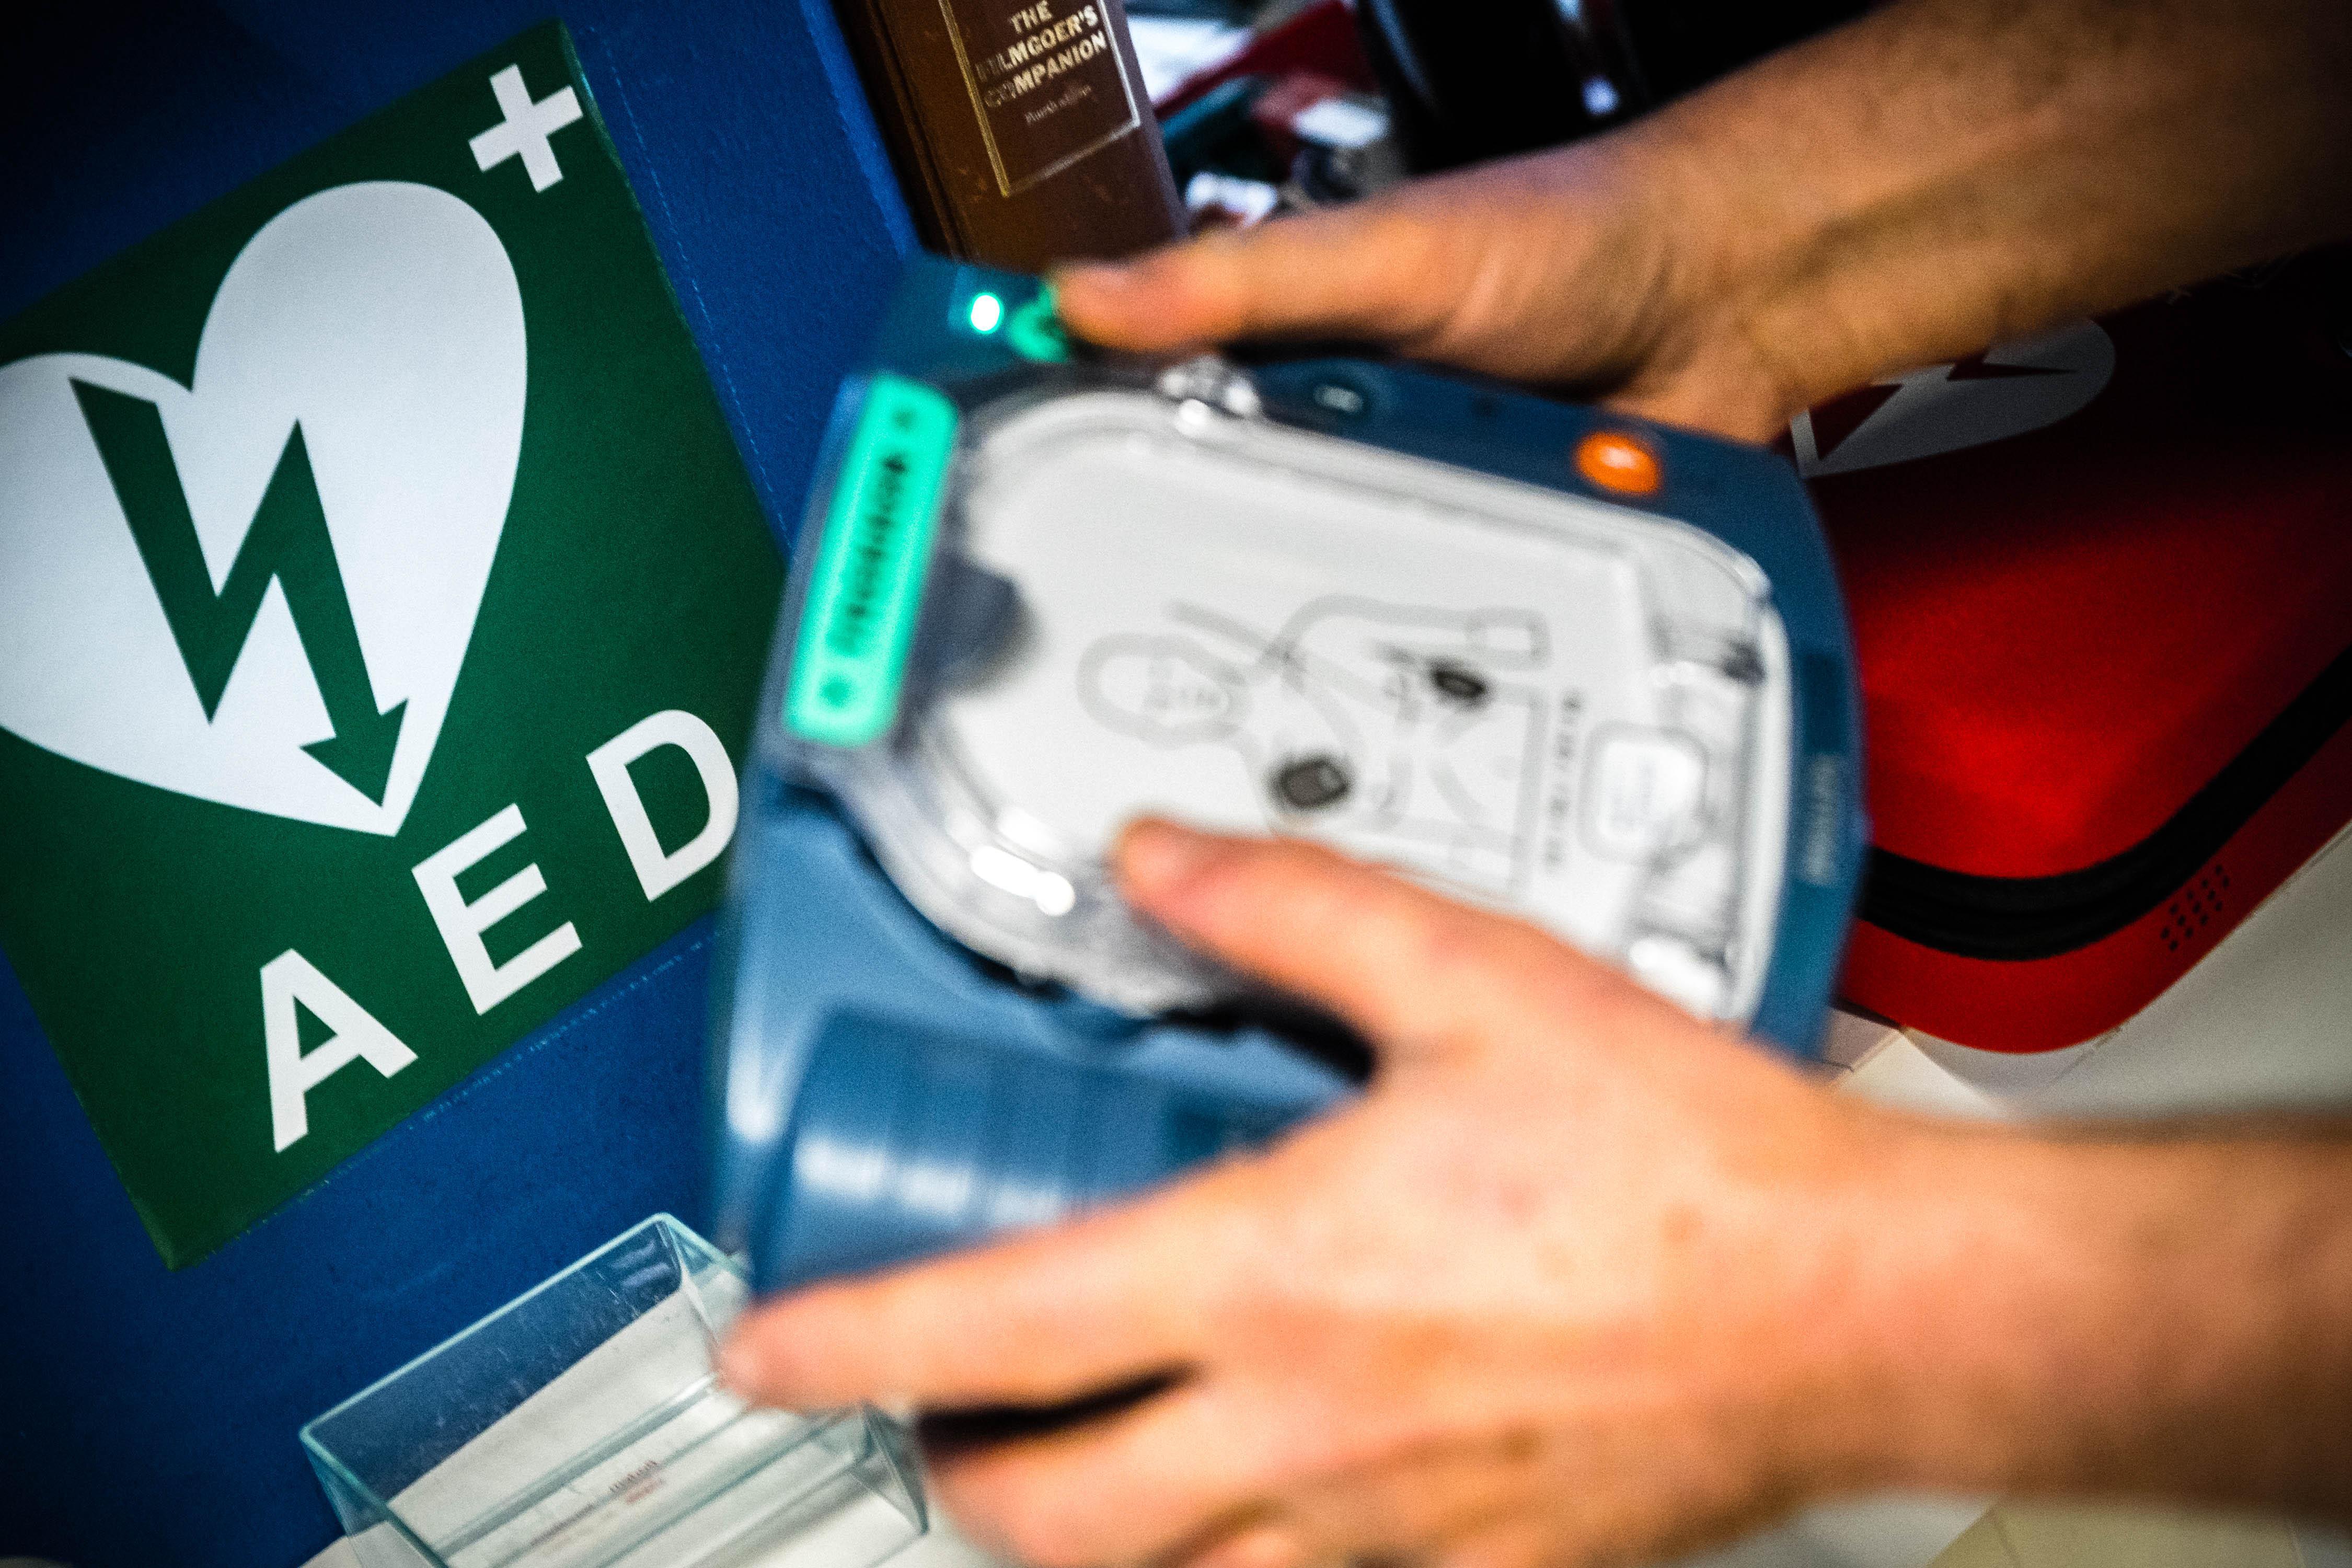 Nu burgers het niet doen, maakt de gemeente Leiderdorp zelf het AED-netwerk in orde